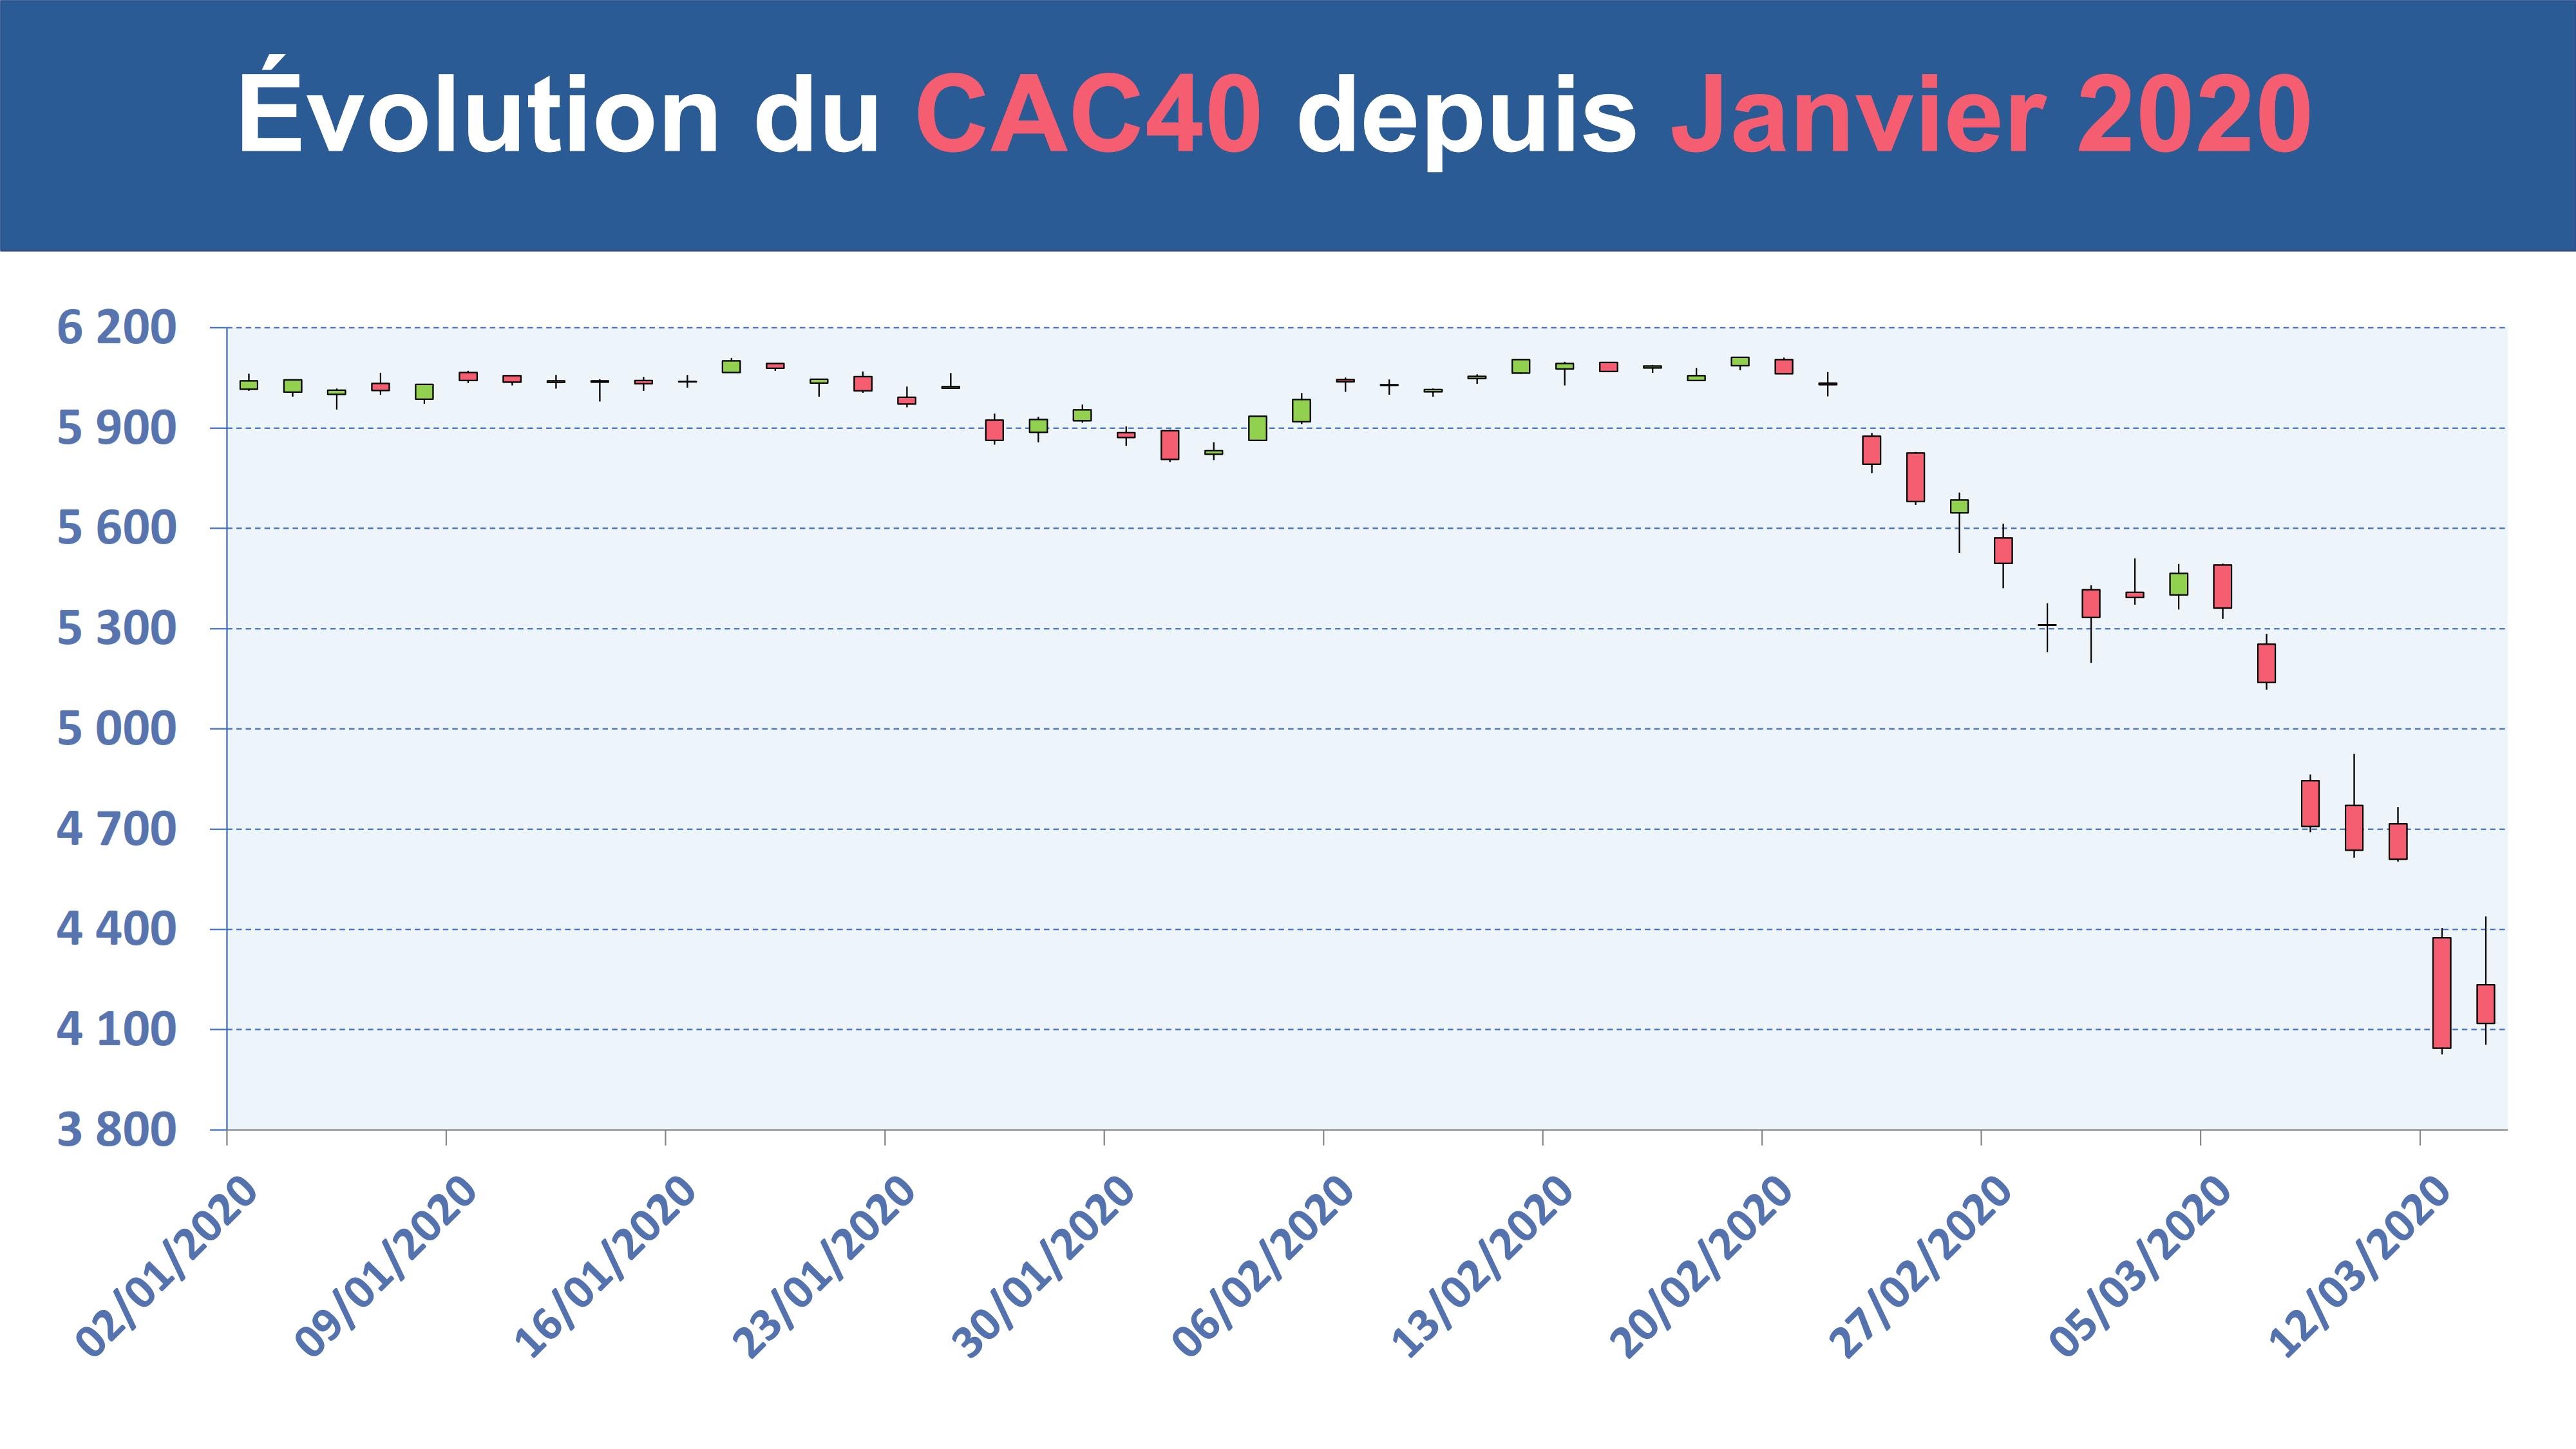 L'historique de l'indice CAC40 depuis janvier 2020